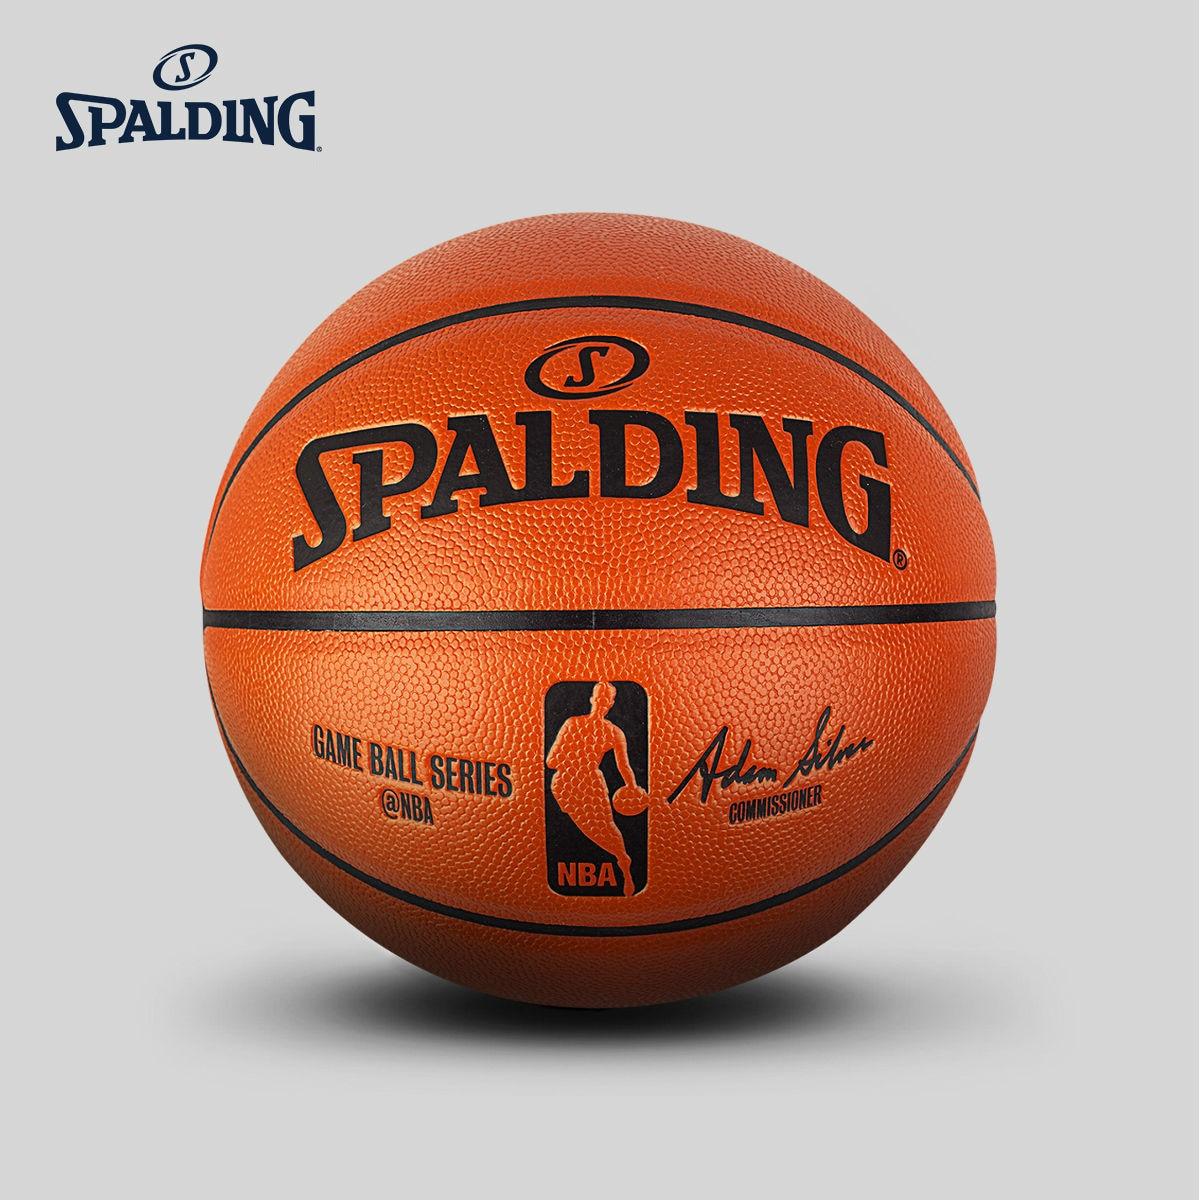 Оригинальный стандартный баскетбольный мяч для мужчин, баскетбольный мяч из полиуретана № 7 74-570Y, баскетбольный мяч